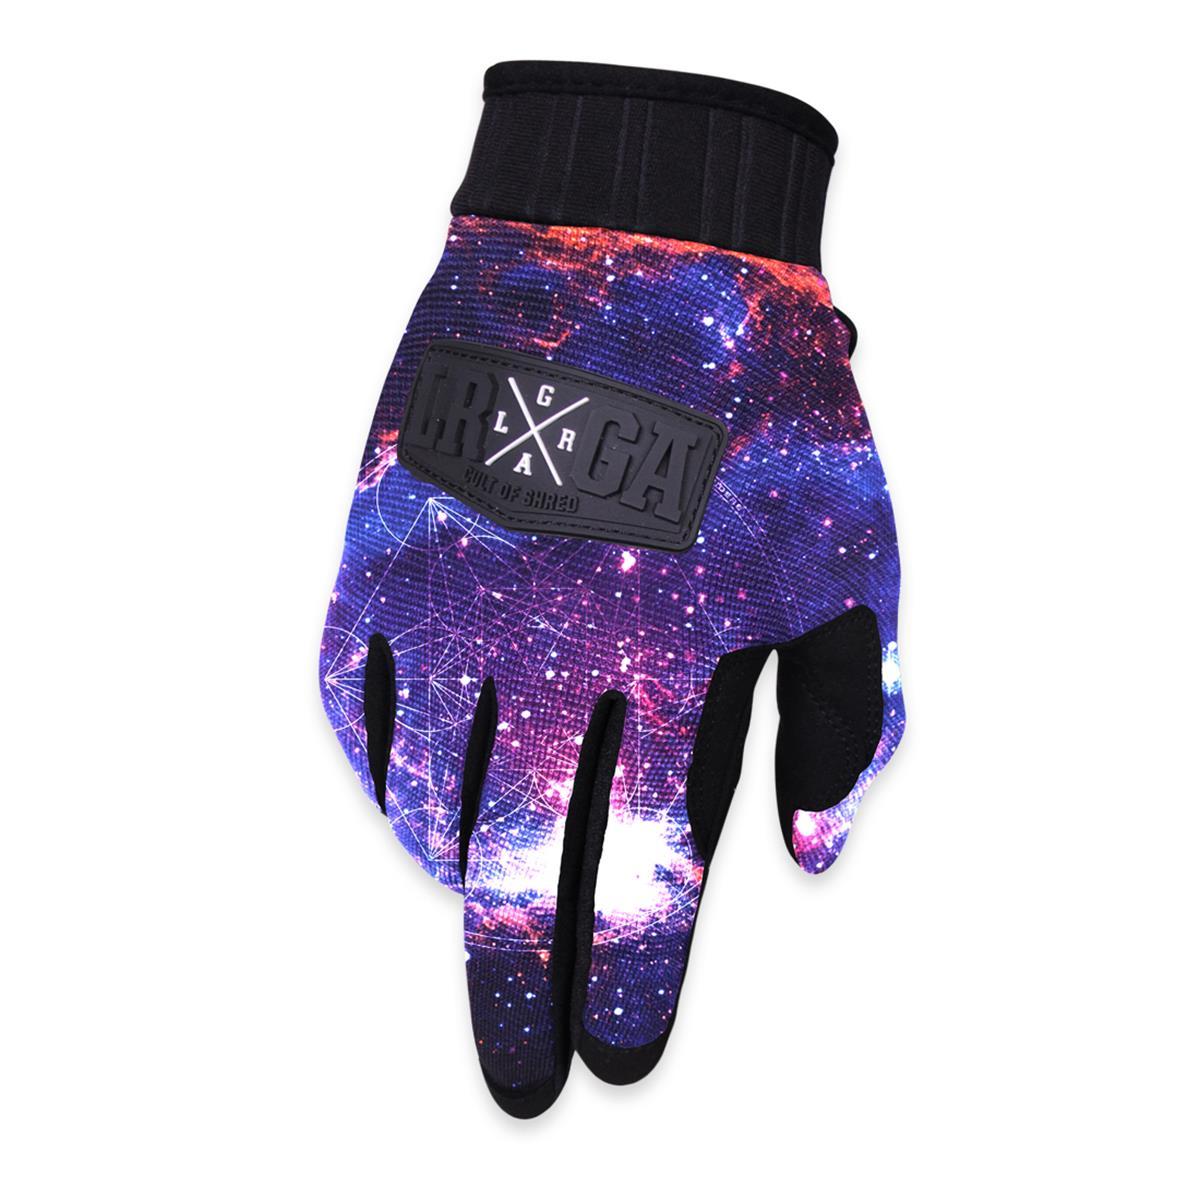 Loose Riders Bike-Handschuhe C/S Kosmic - Mehrfarbig